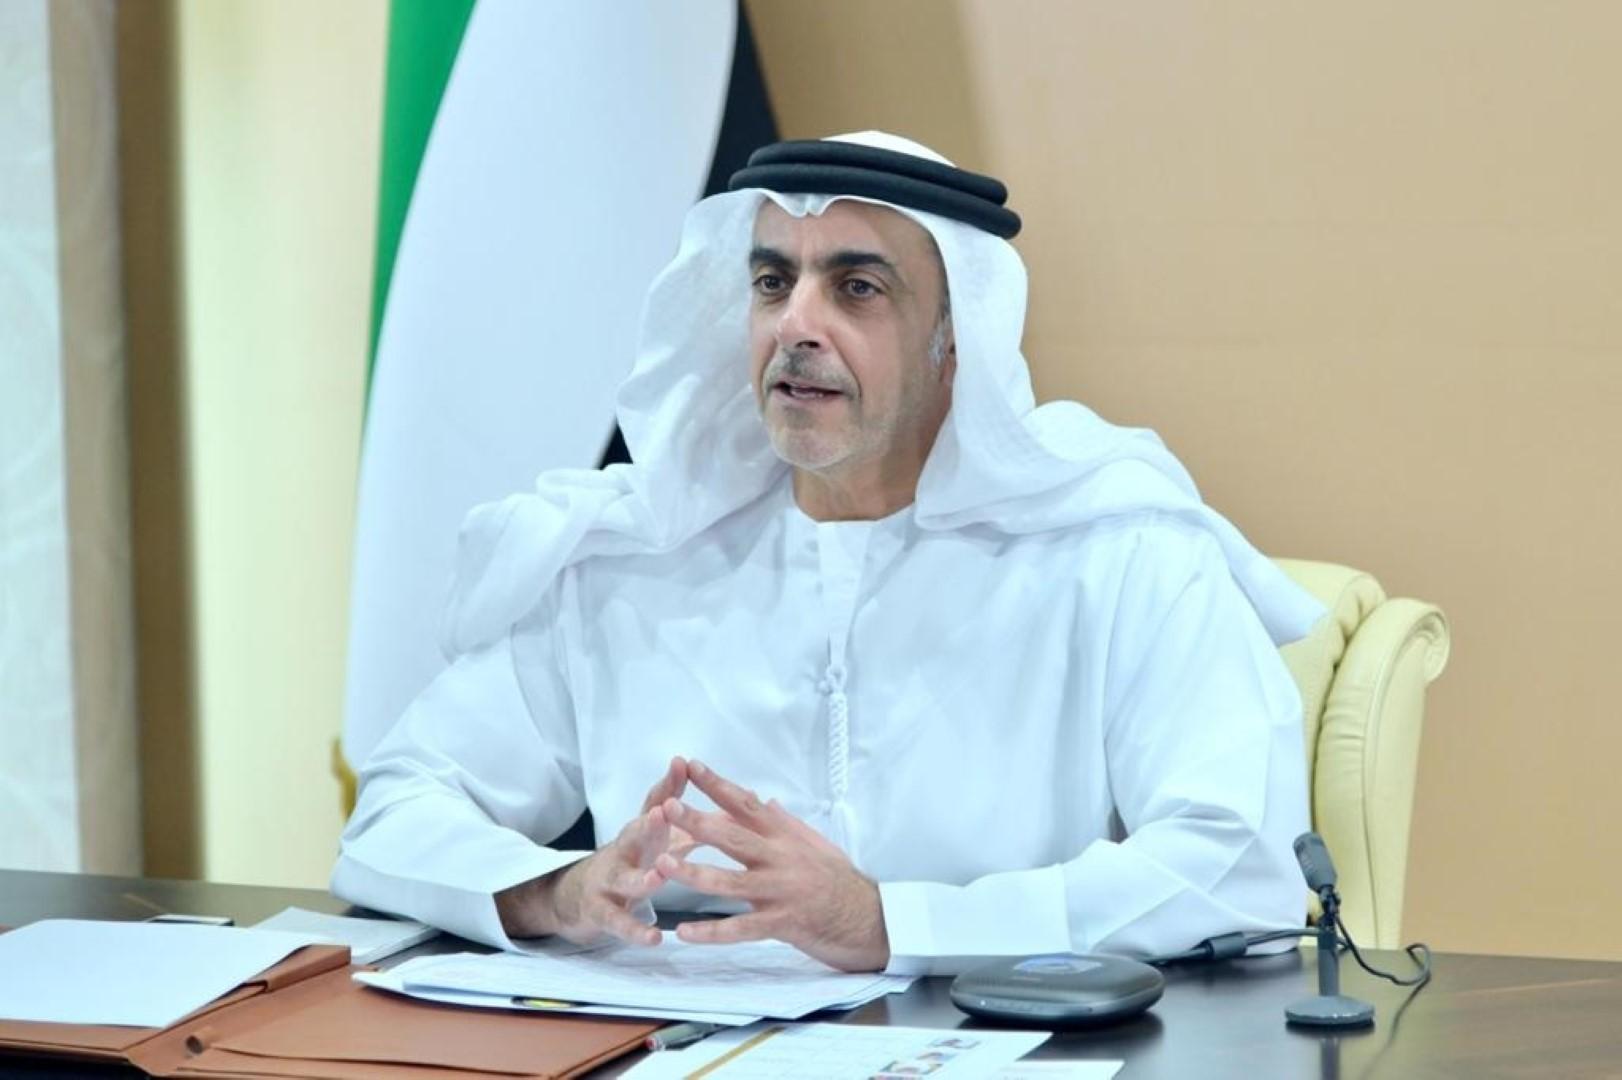 الإمارات تترأس الاجتماع الـ37 لوزراء داخلية مجلس التعاون